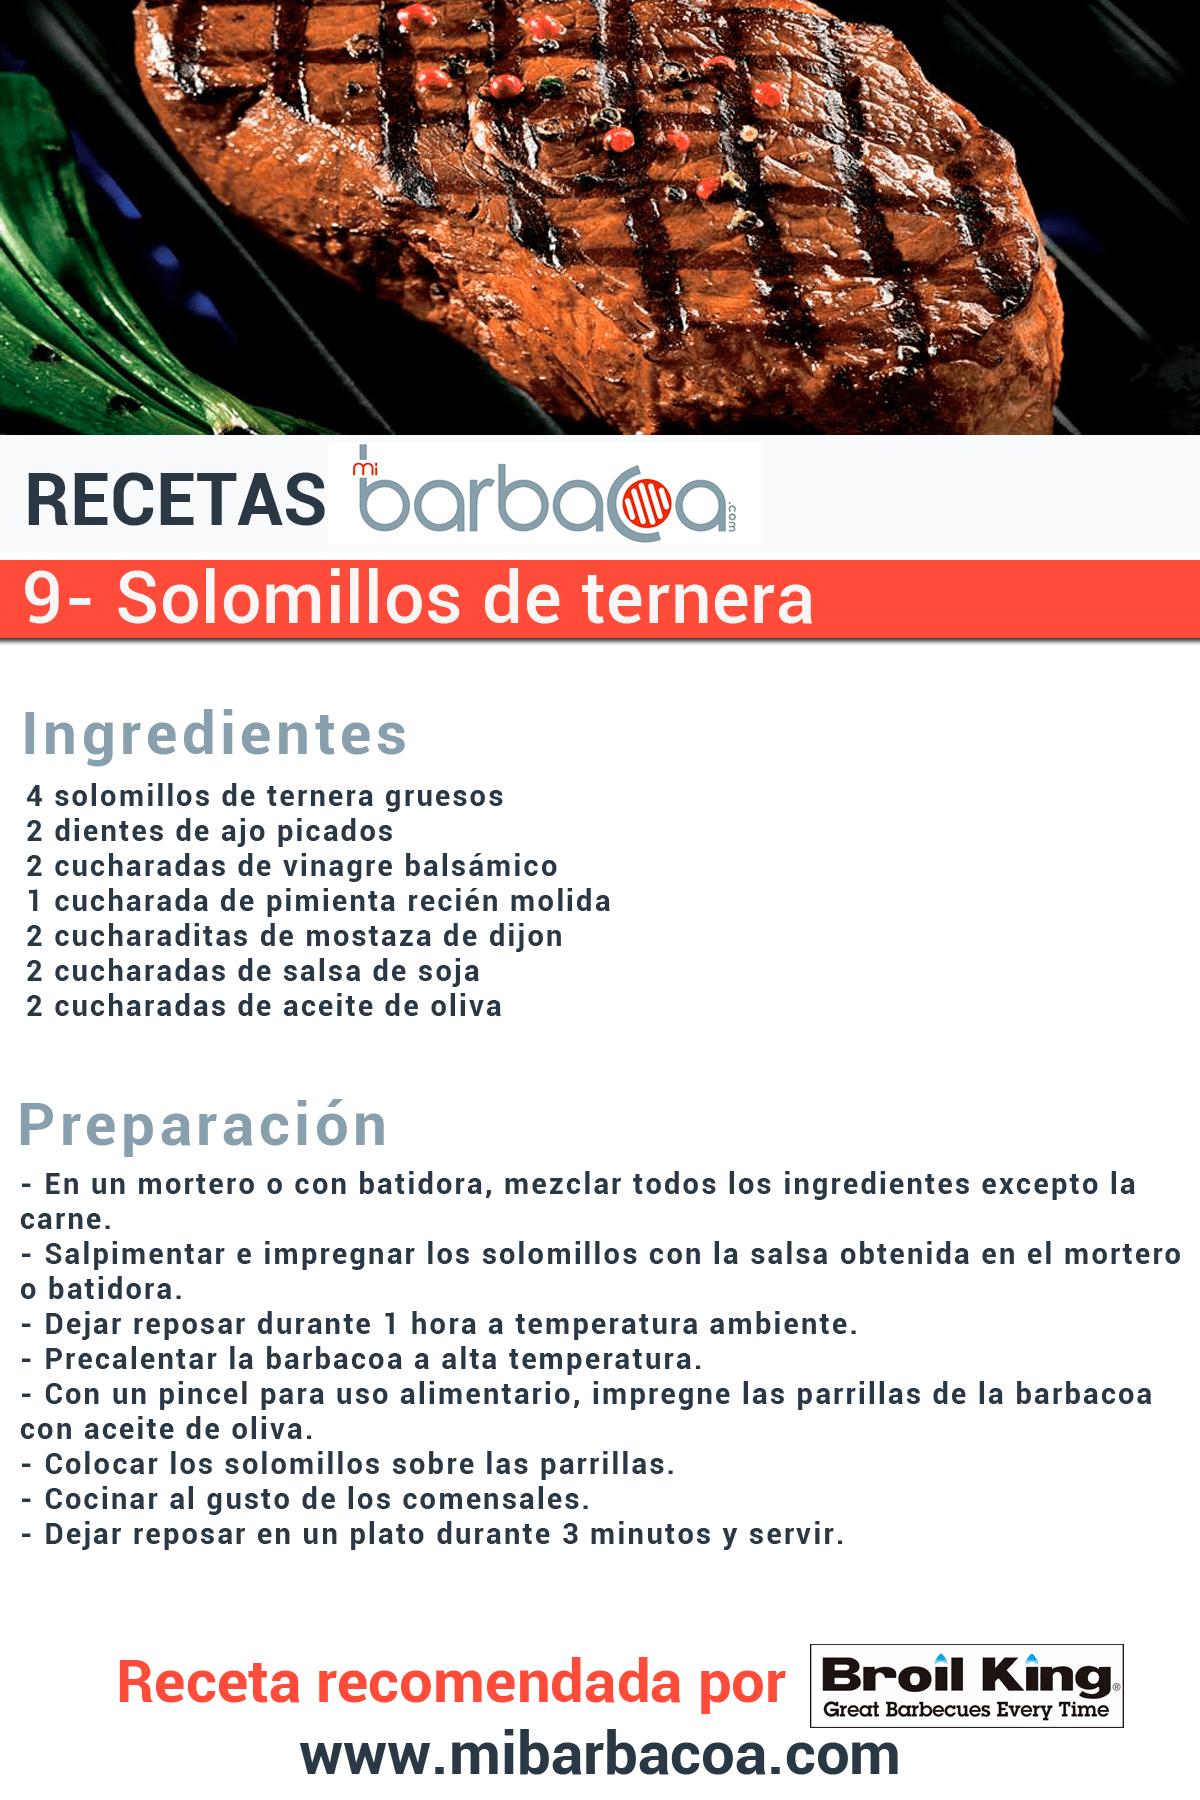 Recetas para barbacoa recomendadas for Ingredientes para preparar barbacoa